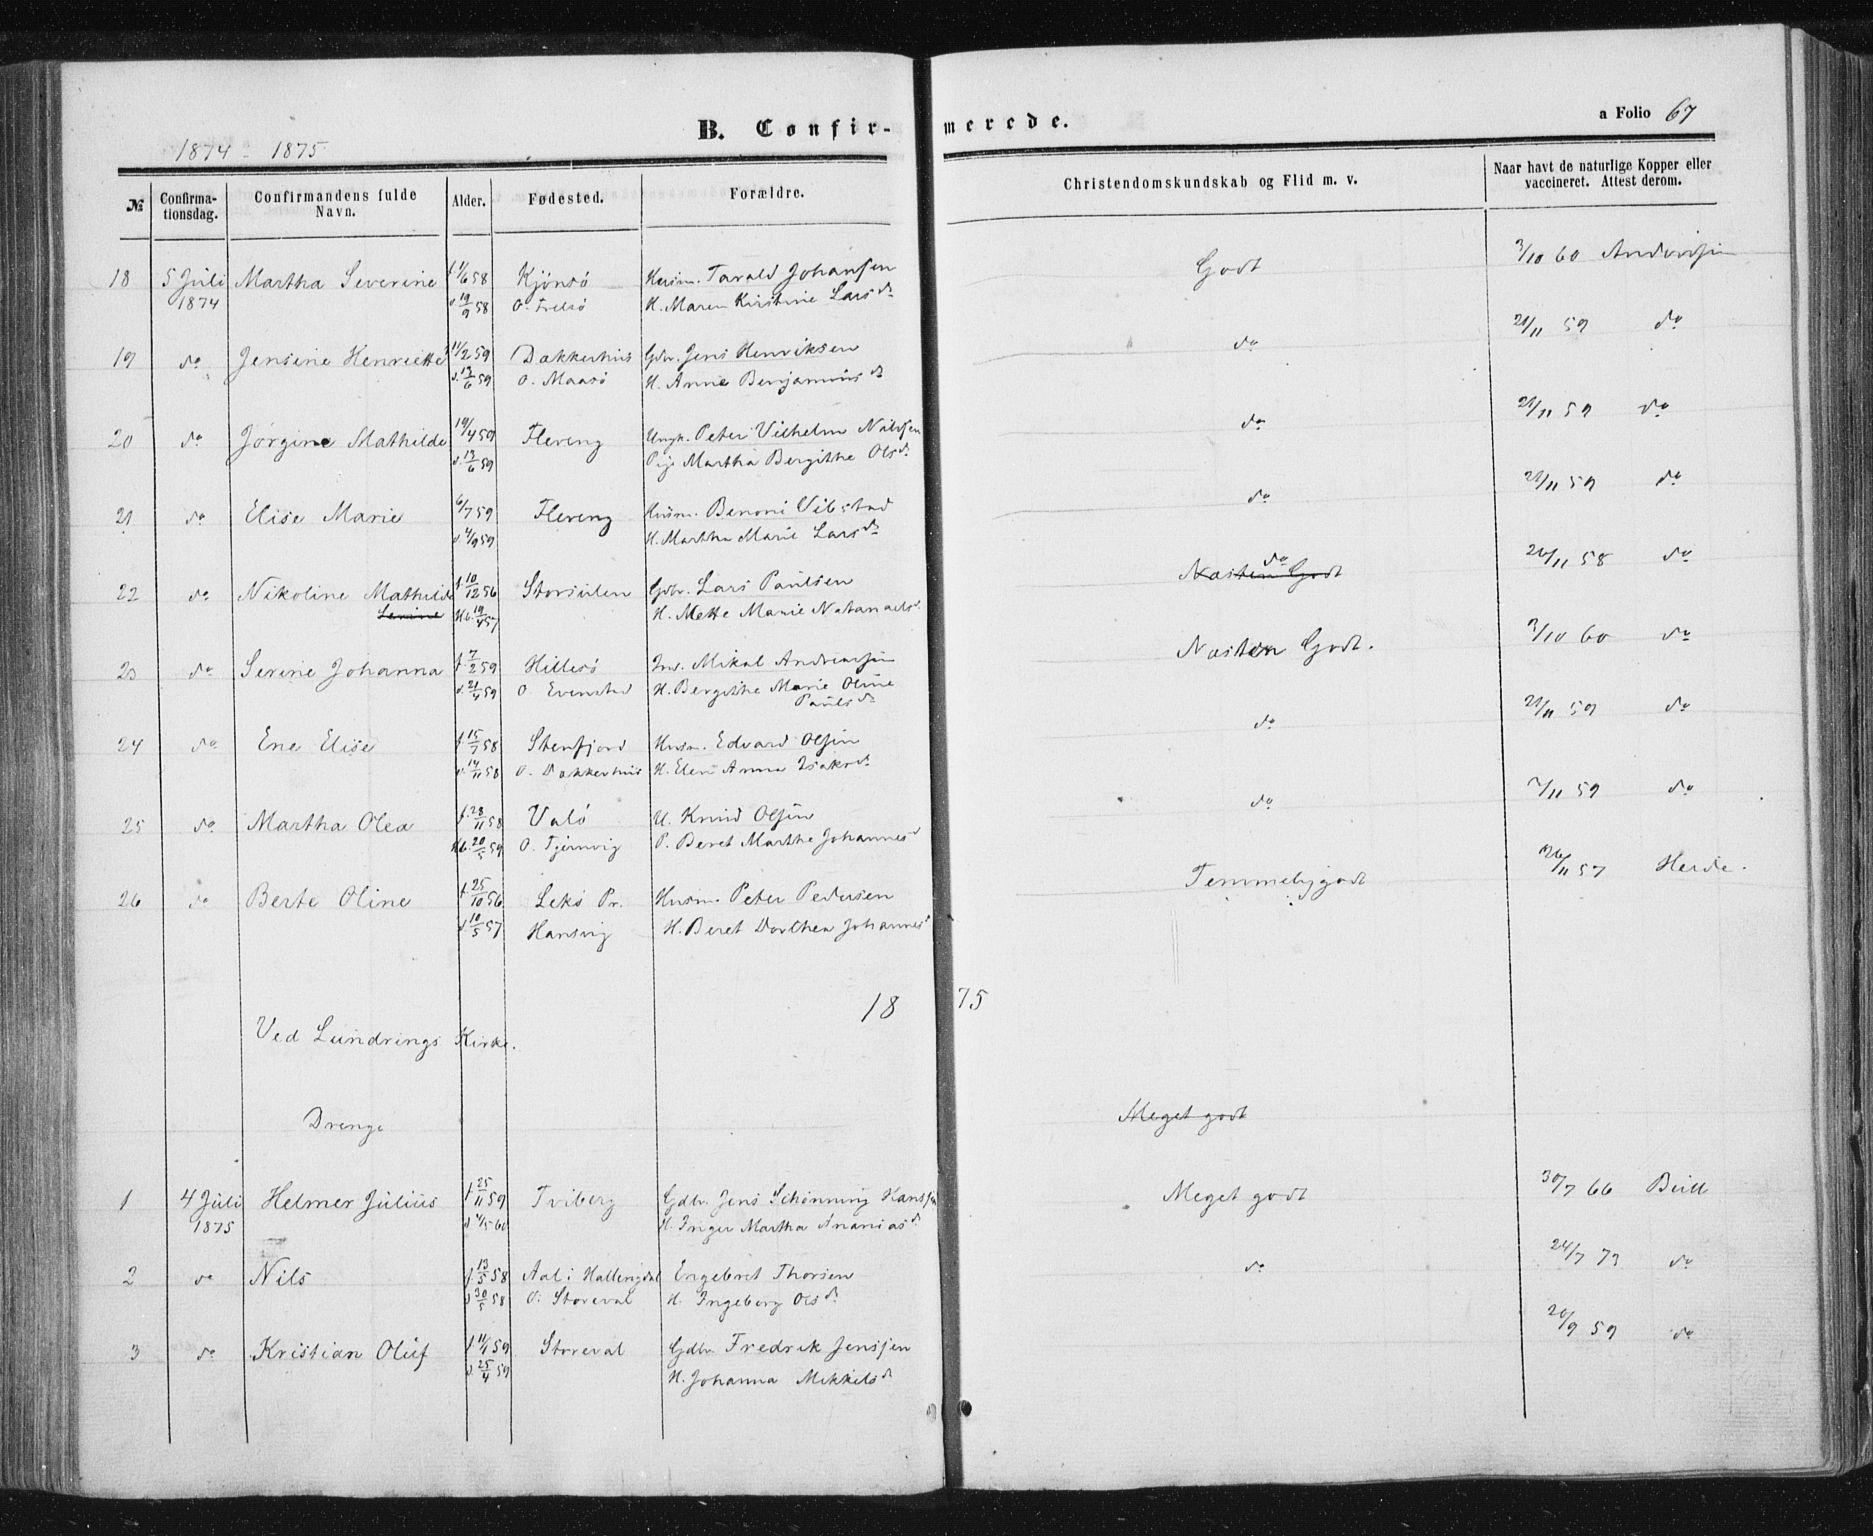 SAT, Ministerialprotokoller, klokkerbøker og fødselsregistre - Nord-Trøndelag, 784/L0670: Ministerialbok nr. 784A05, 1860-1876, s. 67